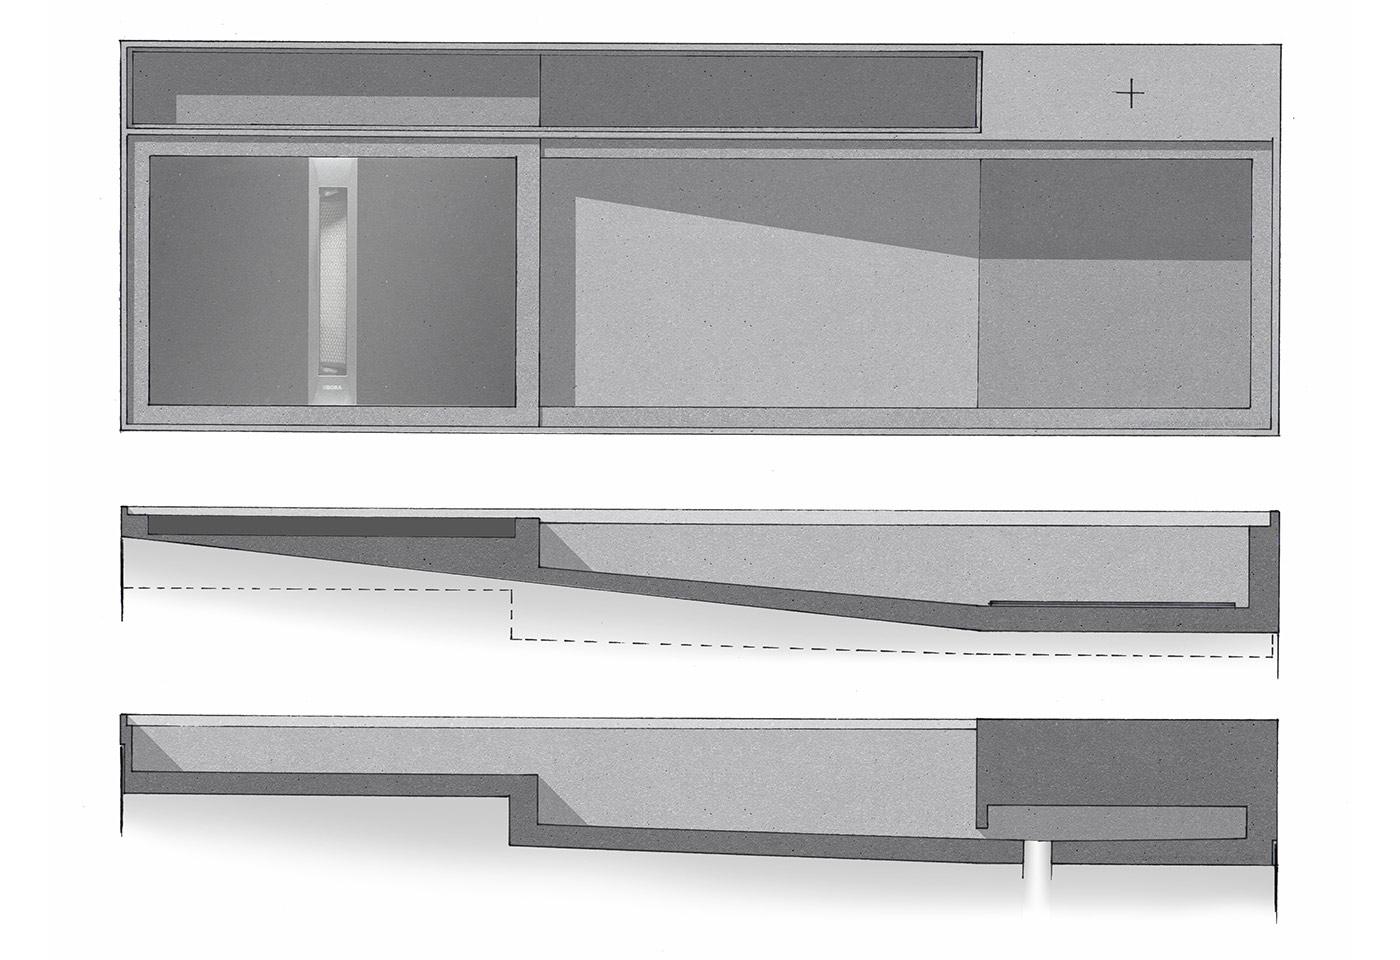 Freistehende Kochinsel mit unter-schiedlichen Küchenmöbel als Skizze.